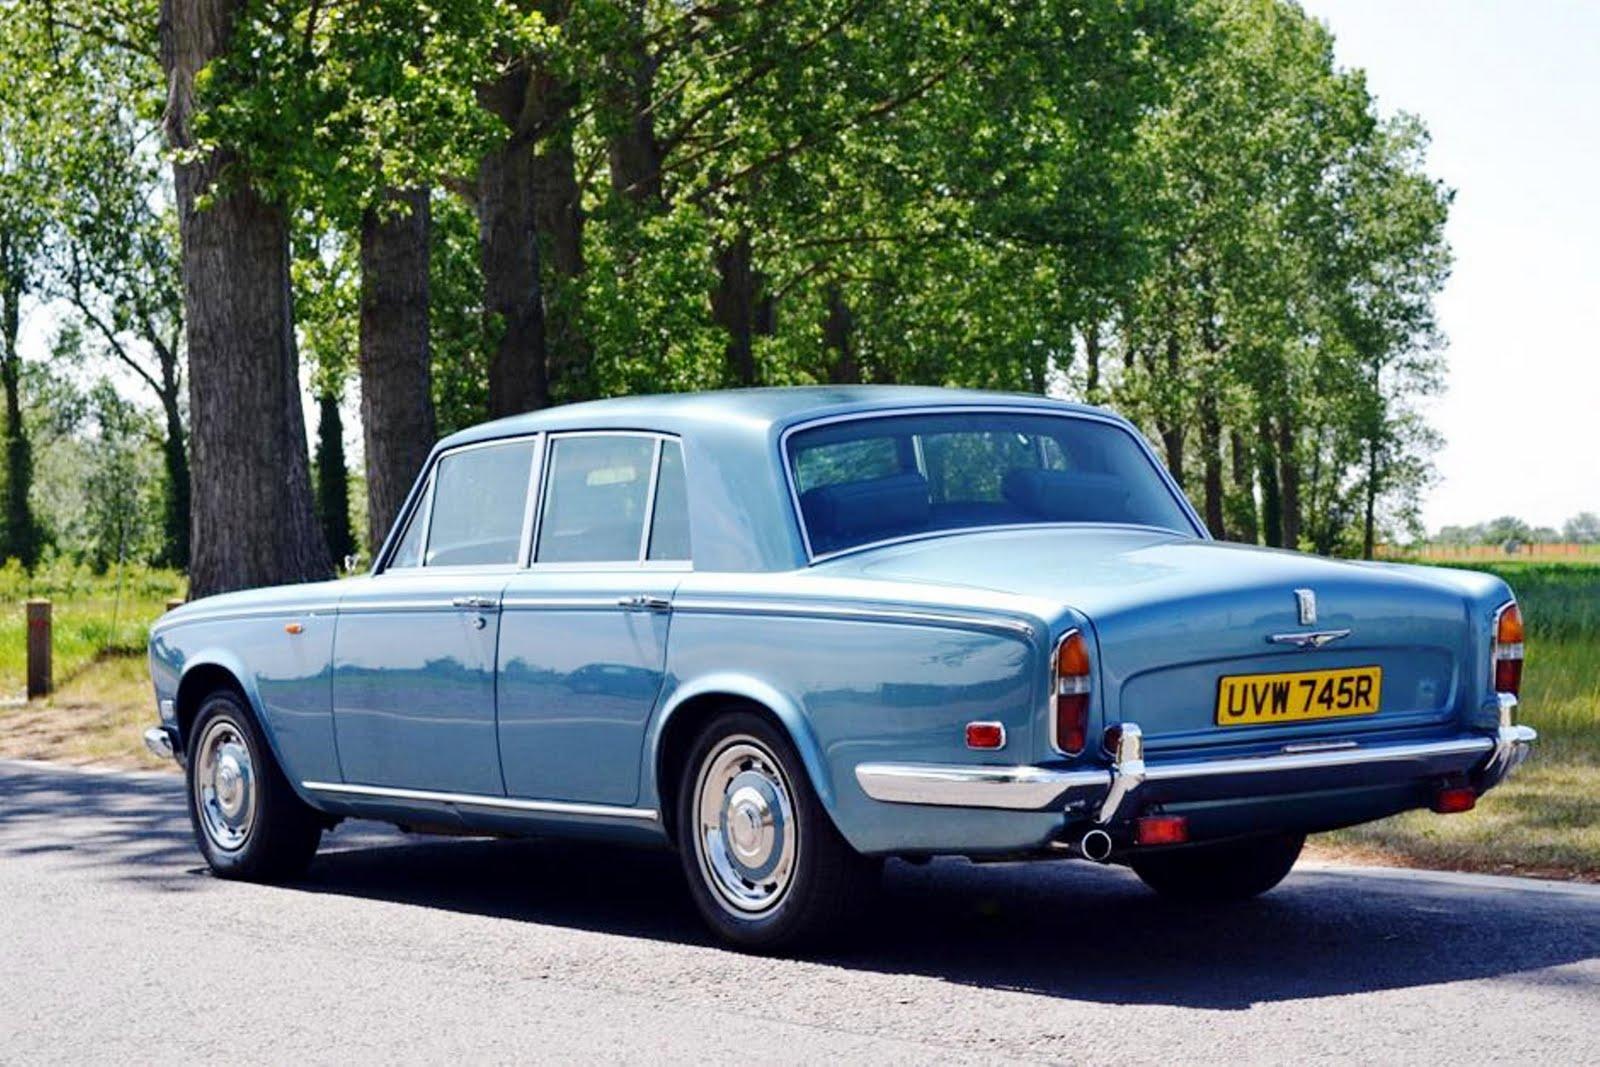 Rolls Royce Silver Shadow I Caribbean Blue 1976 Rolls